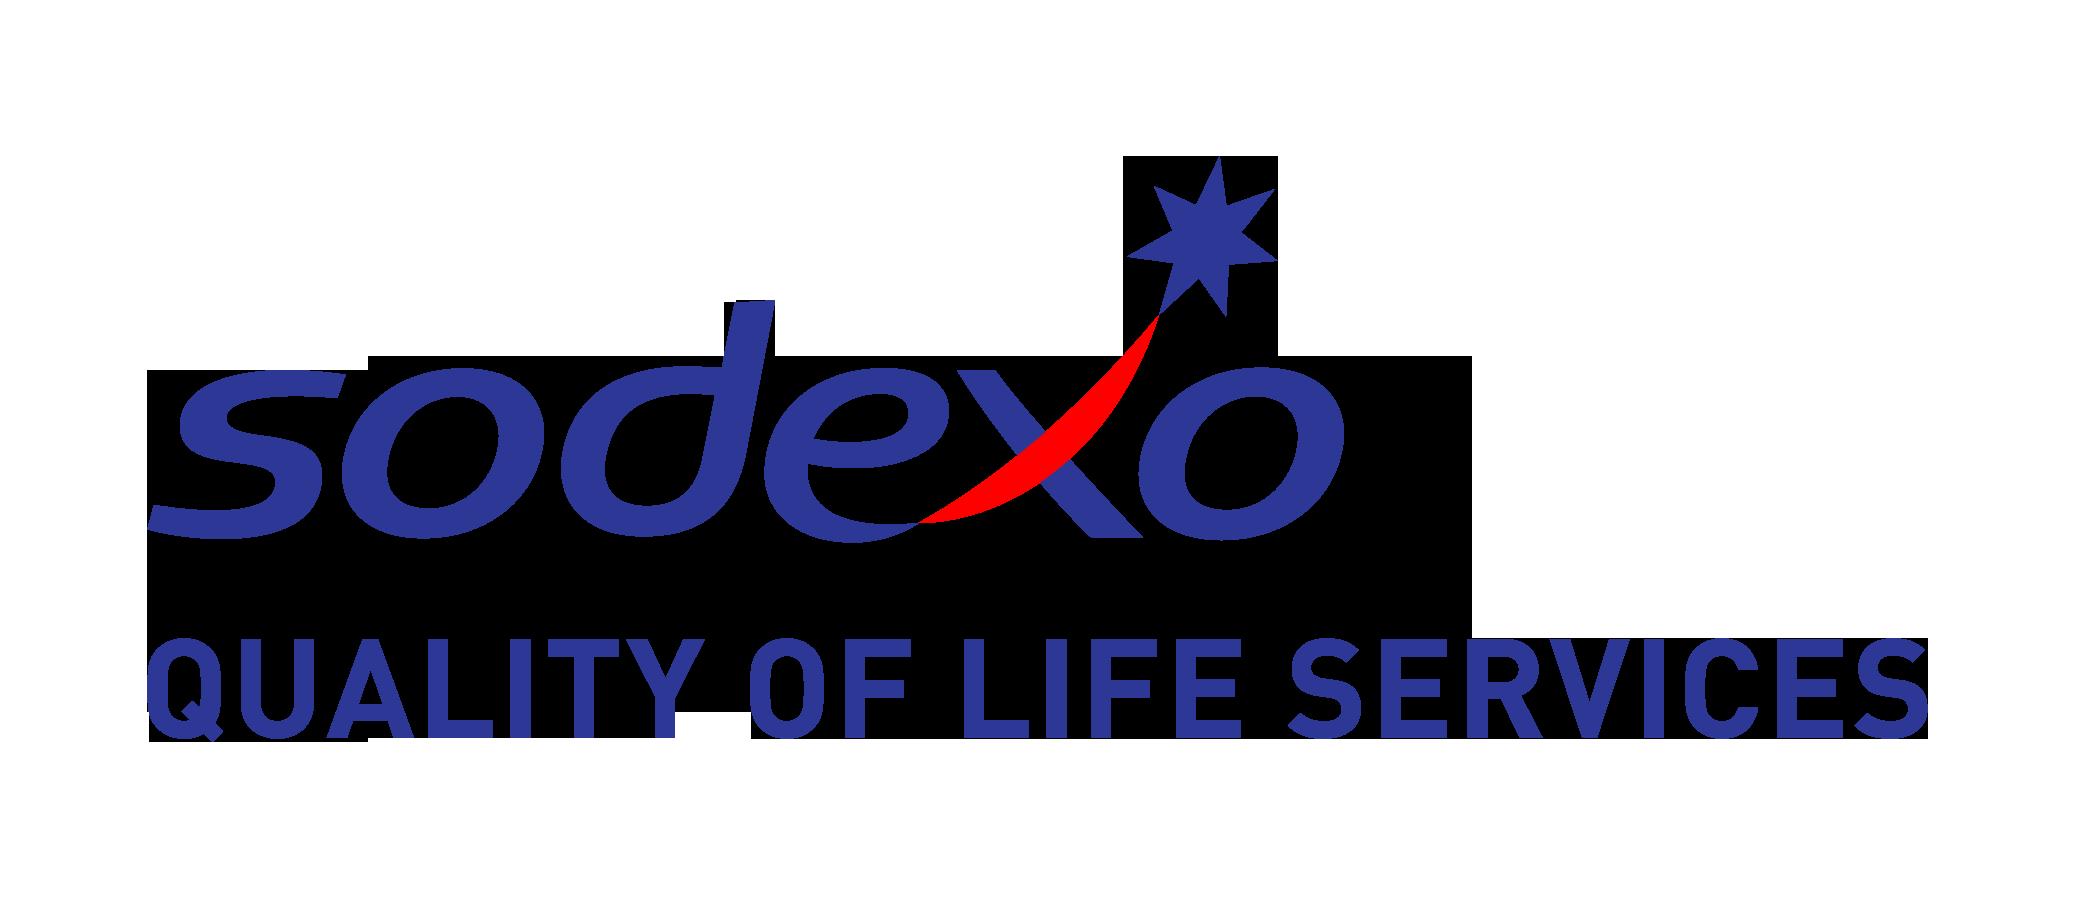 Sodexo - Benefits & Rewards Services